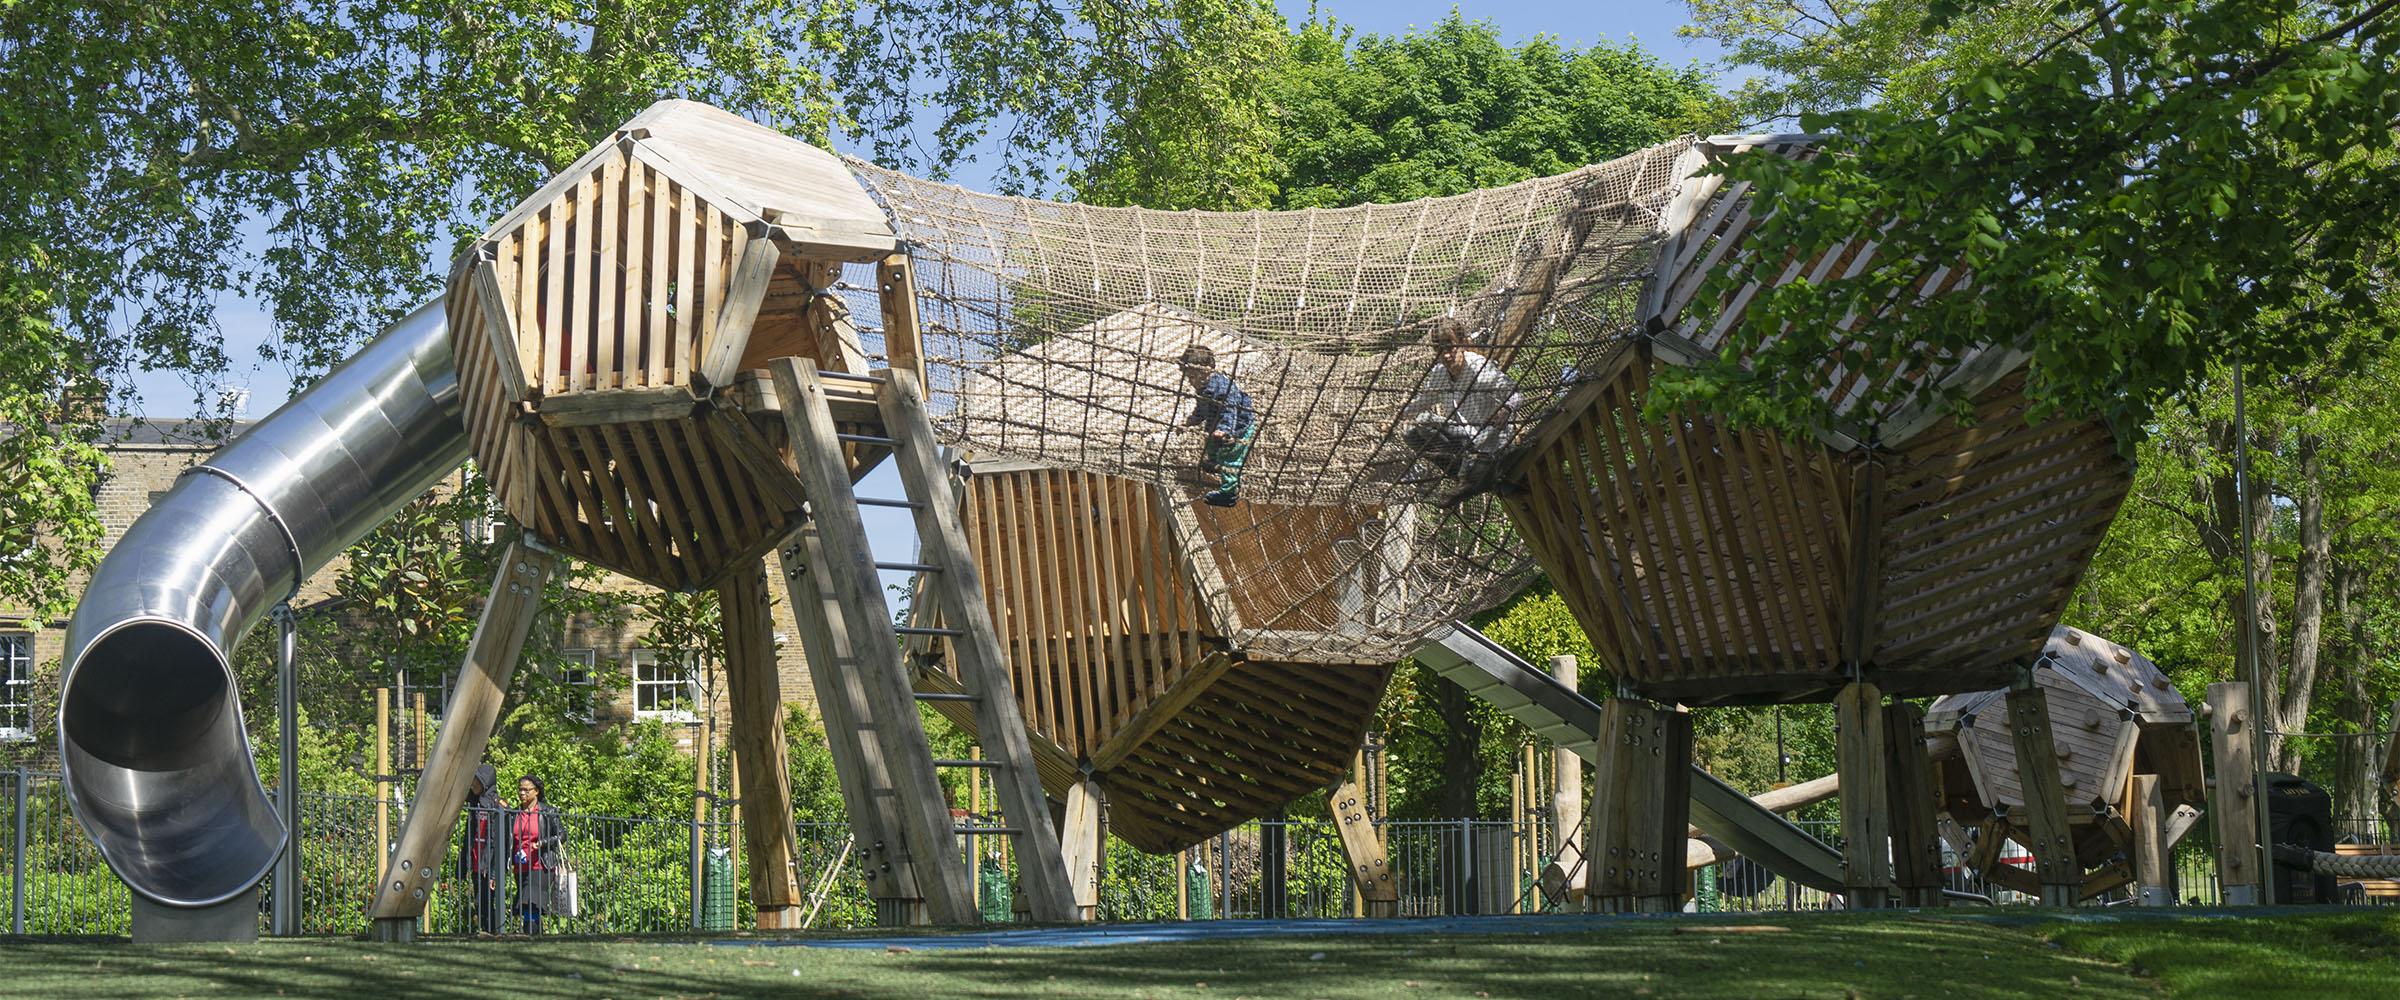 bespoke playground equipment burgess park